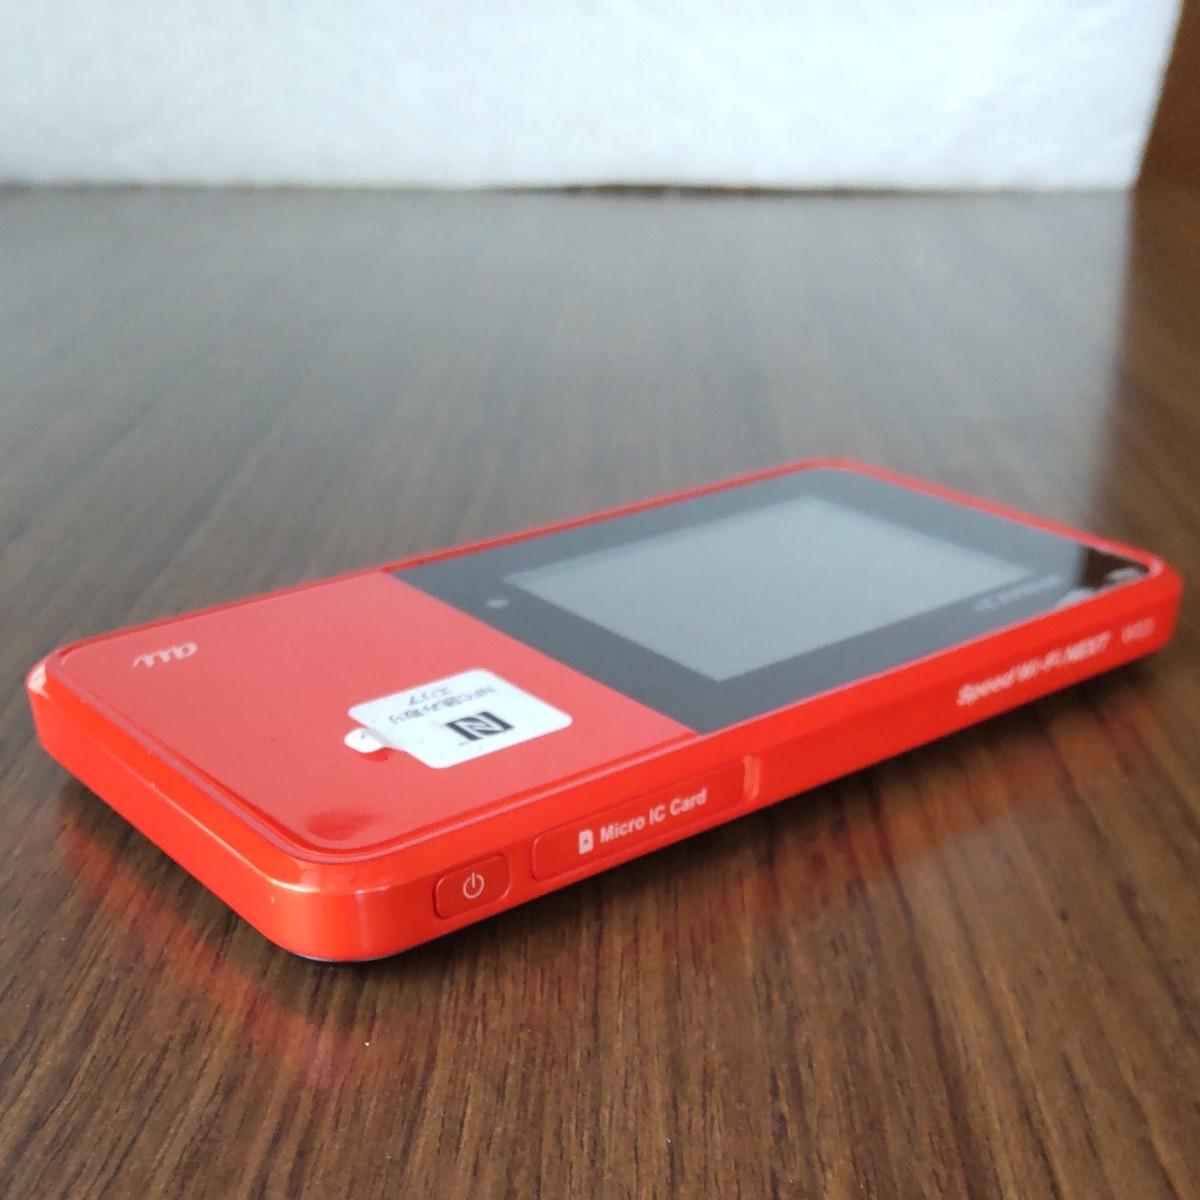 楽天設定済 WiMAX2+ SPEED Wi-Fi NEXT W03 au HWD34 通信モード切替可 221